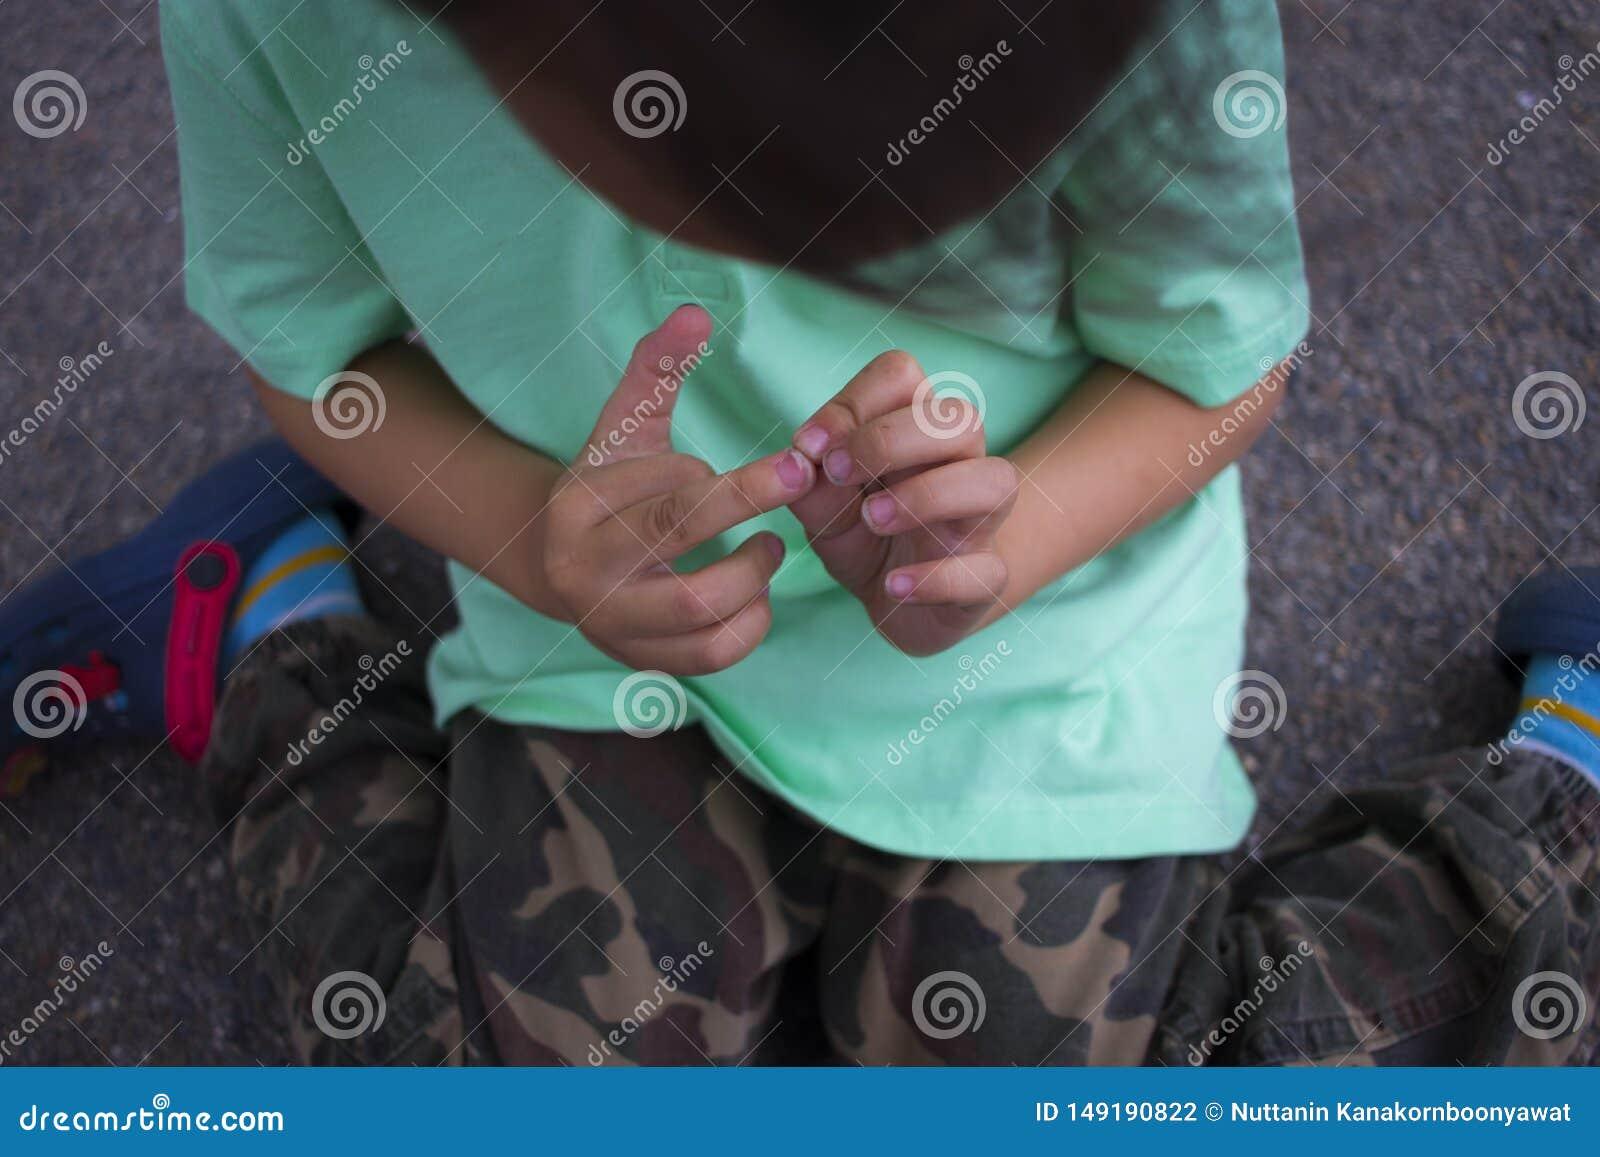 As crian?as feriram seu dedo, menino com dor que feriu seu dedo